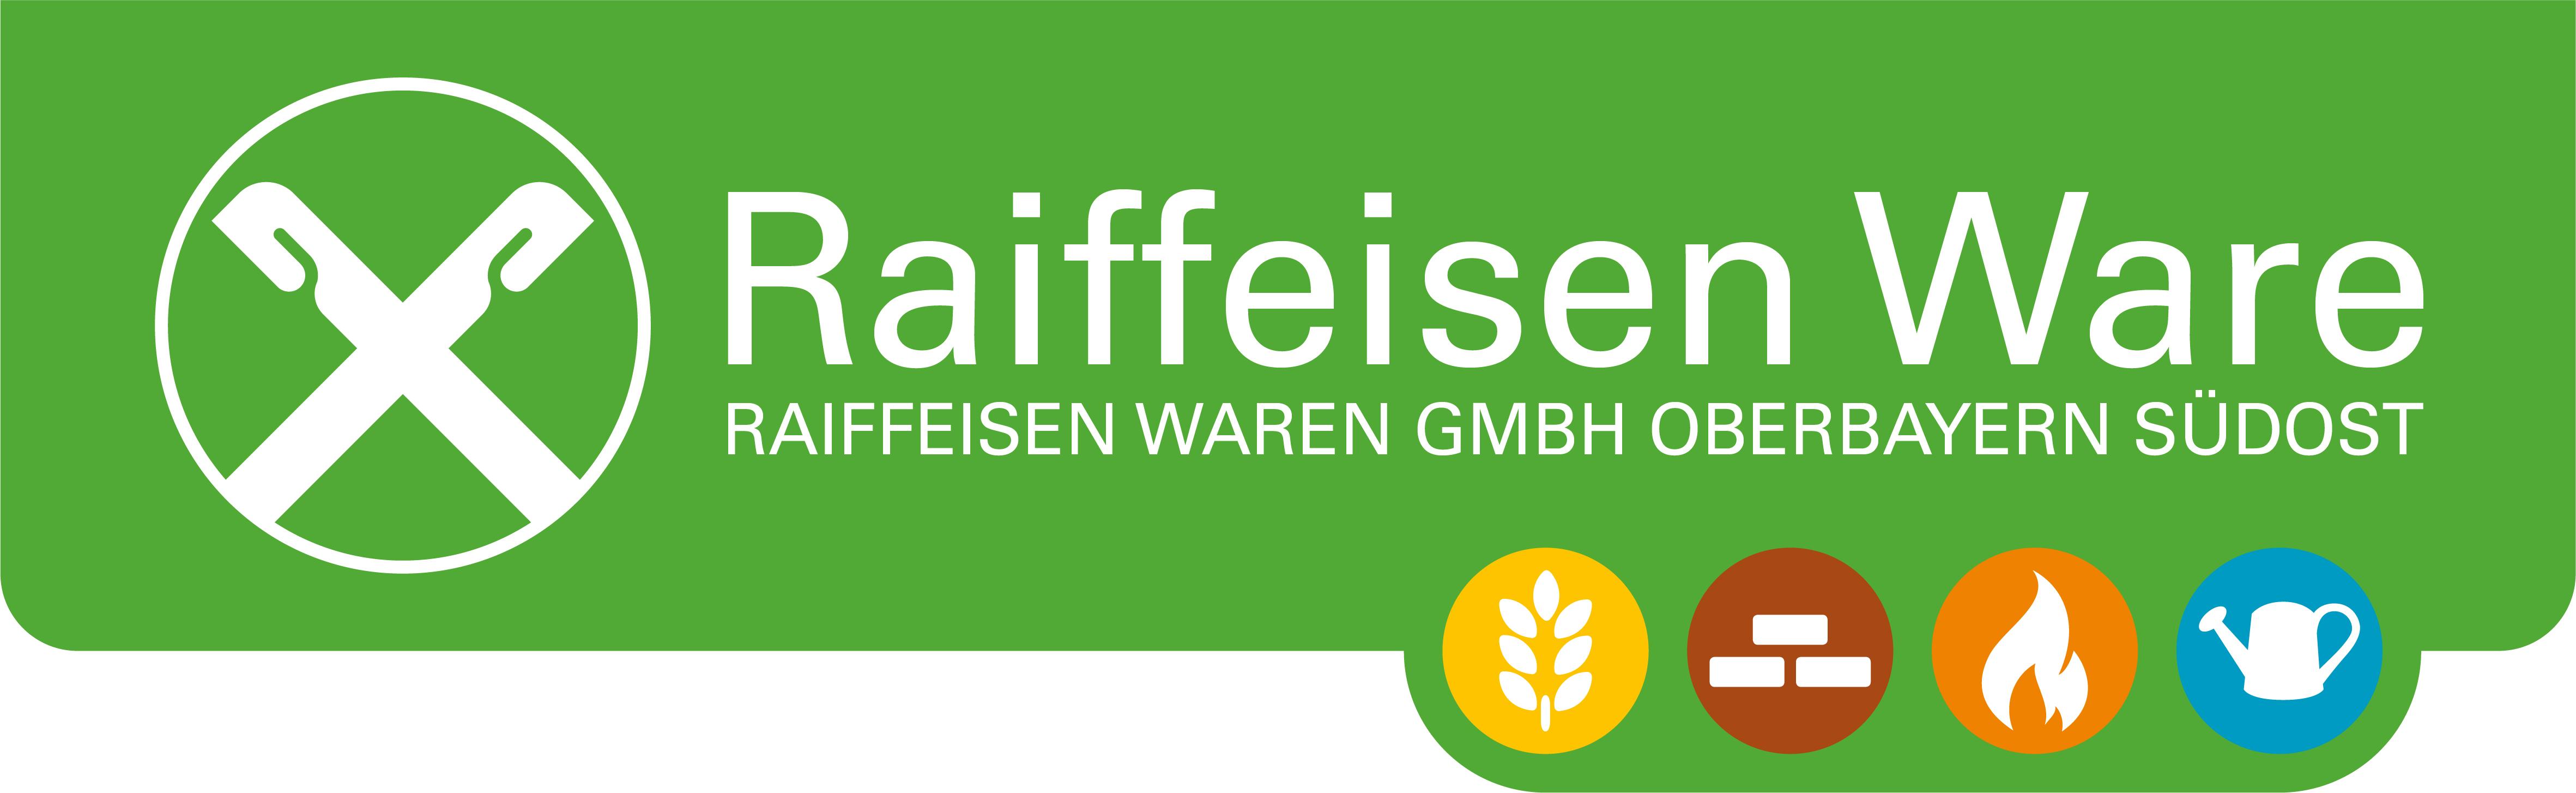 Raiffeisen Waren GmbH Oberbayern Südost - Lagerhaus Hart Chieming